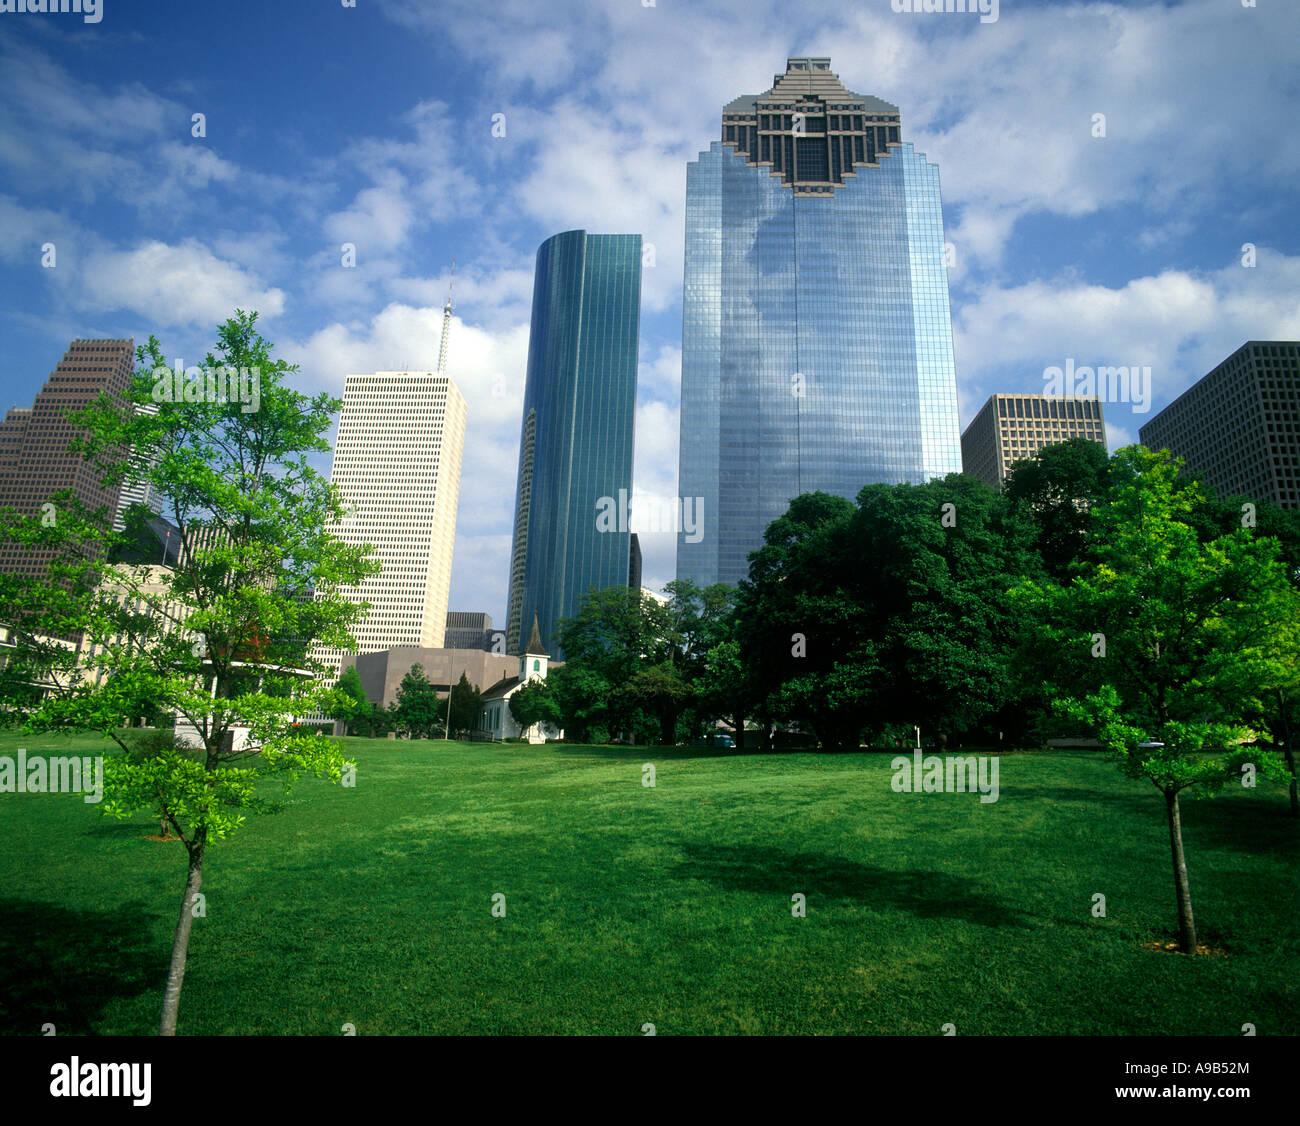 Sam Houston Stock Photos & Sam Houston Stock Images - Alamy